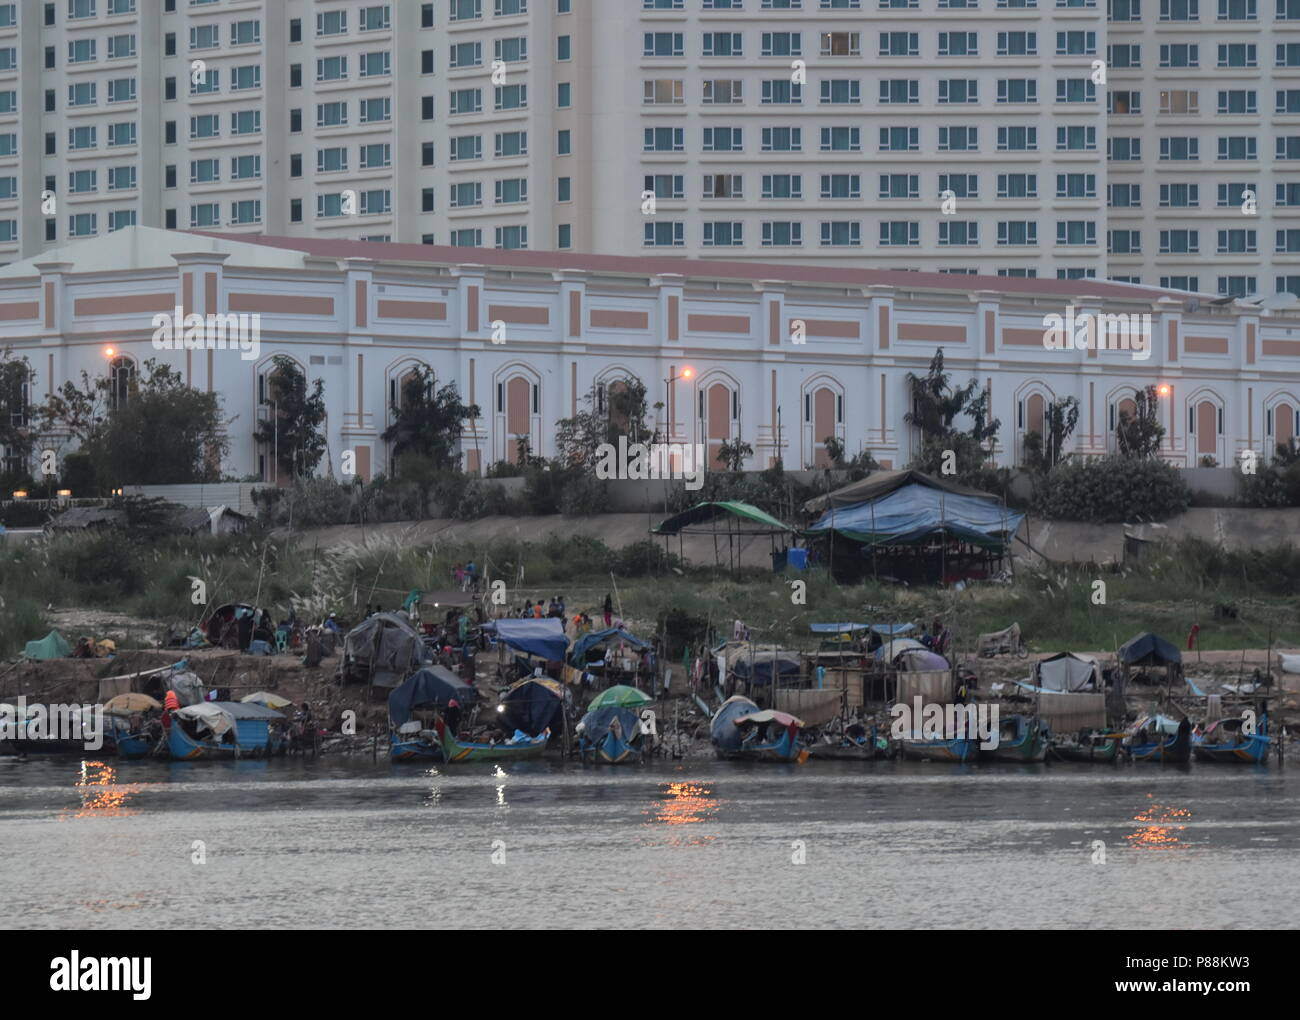 Contraste de hoteles de lujo y barcos de pesca y la pobreza de las minorías musulmanas a lo largo del río Mekong en Phnom Penh, Camboya Imagen De Stock